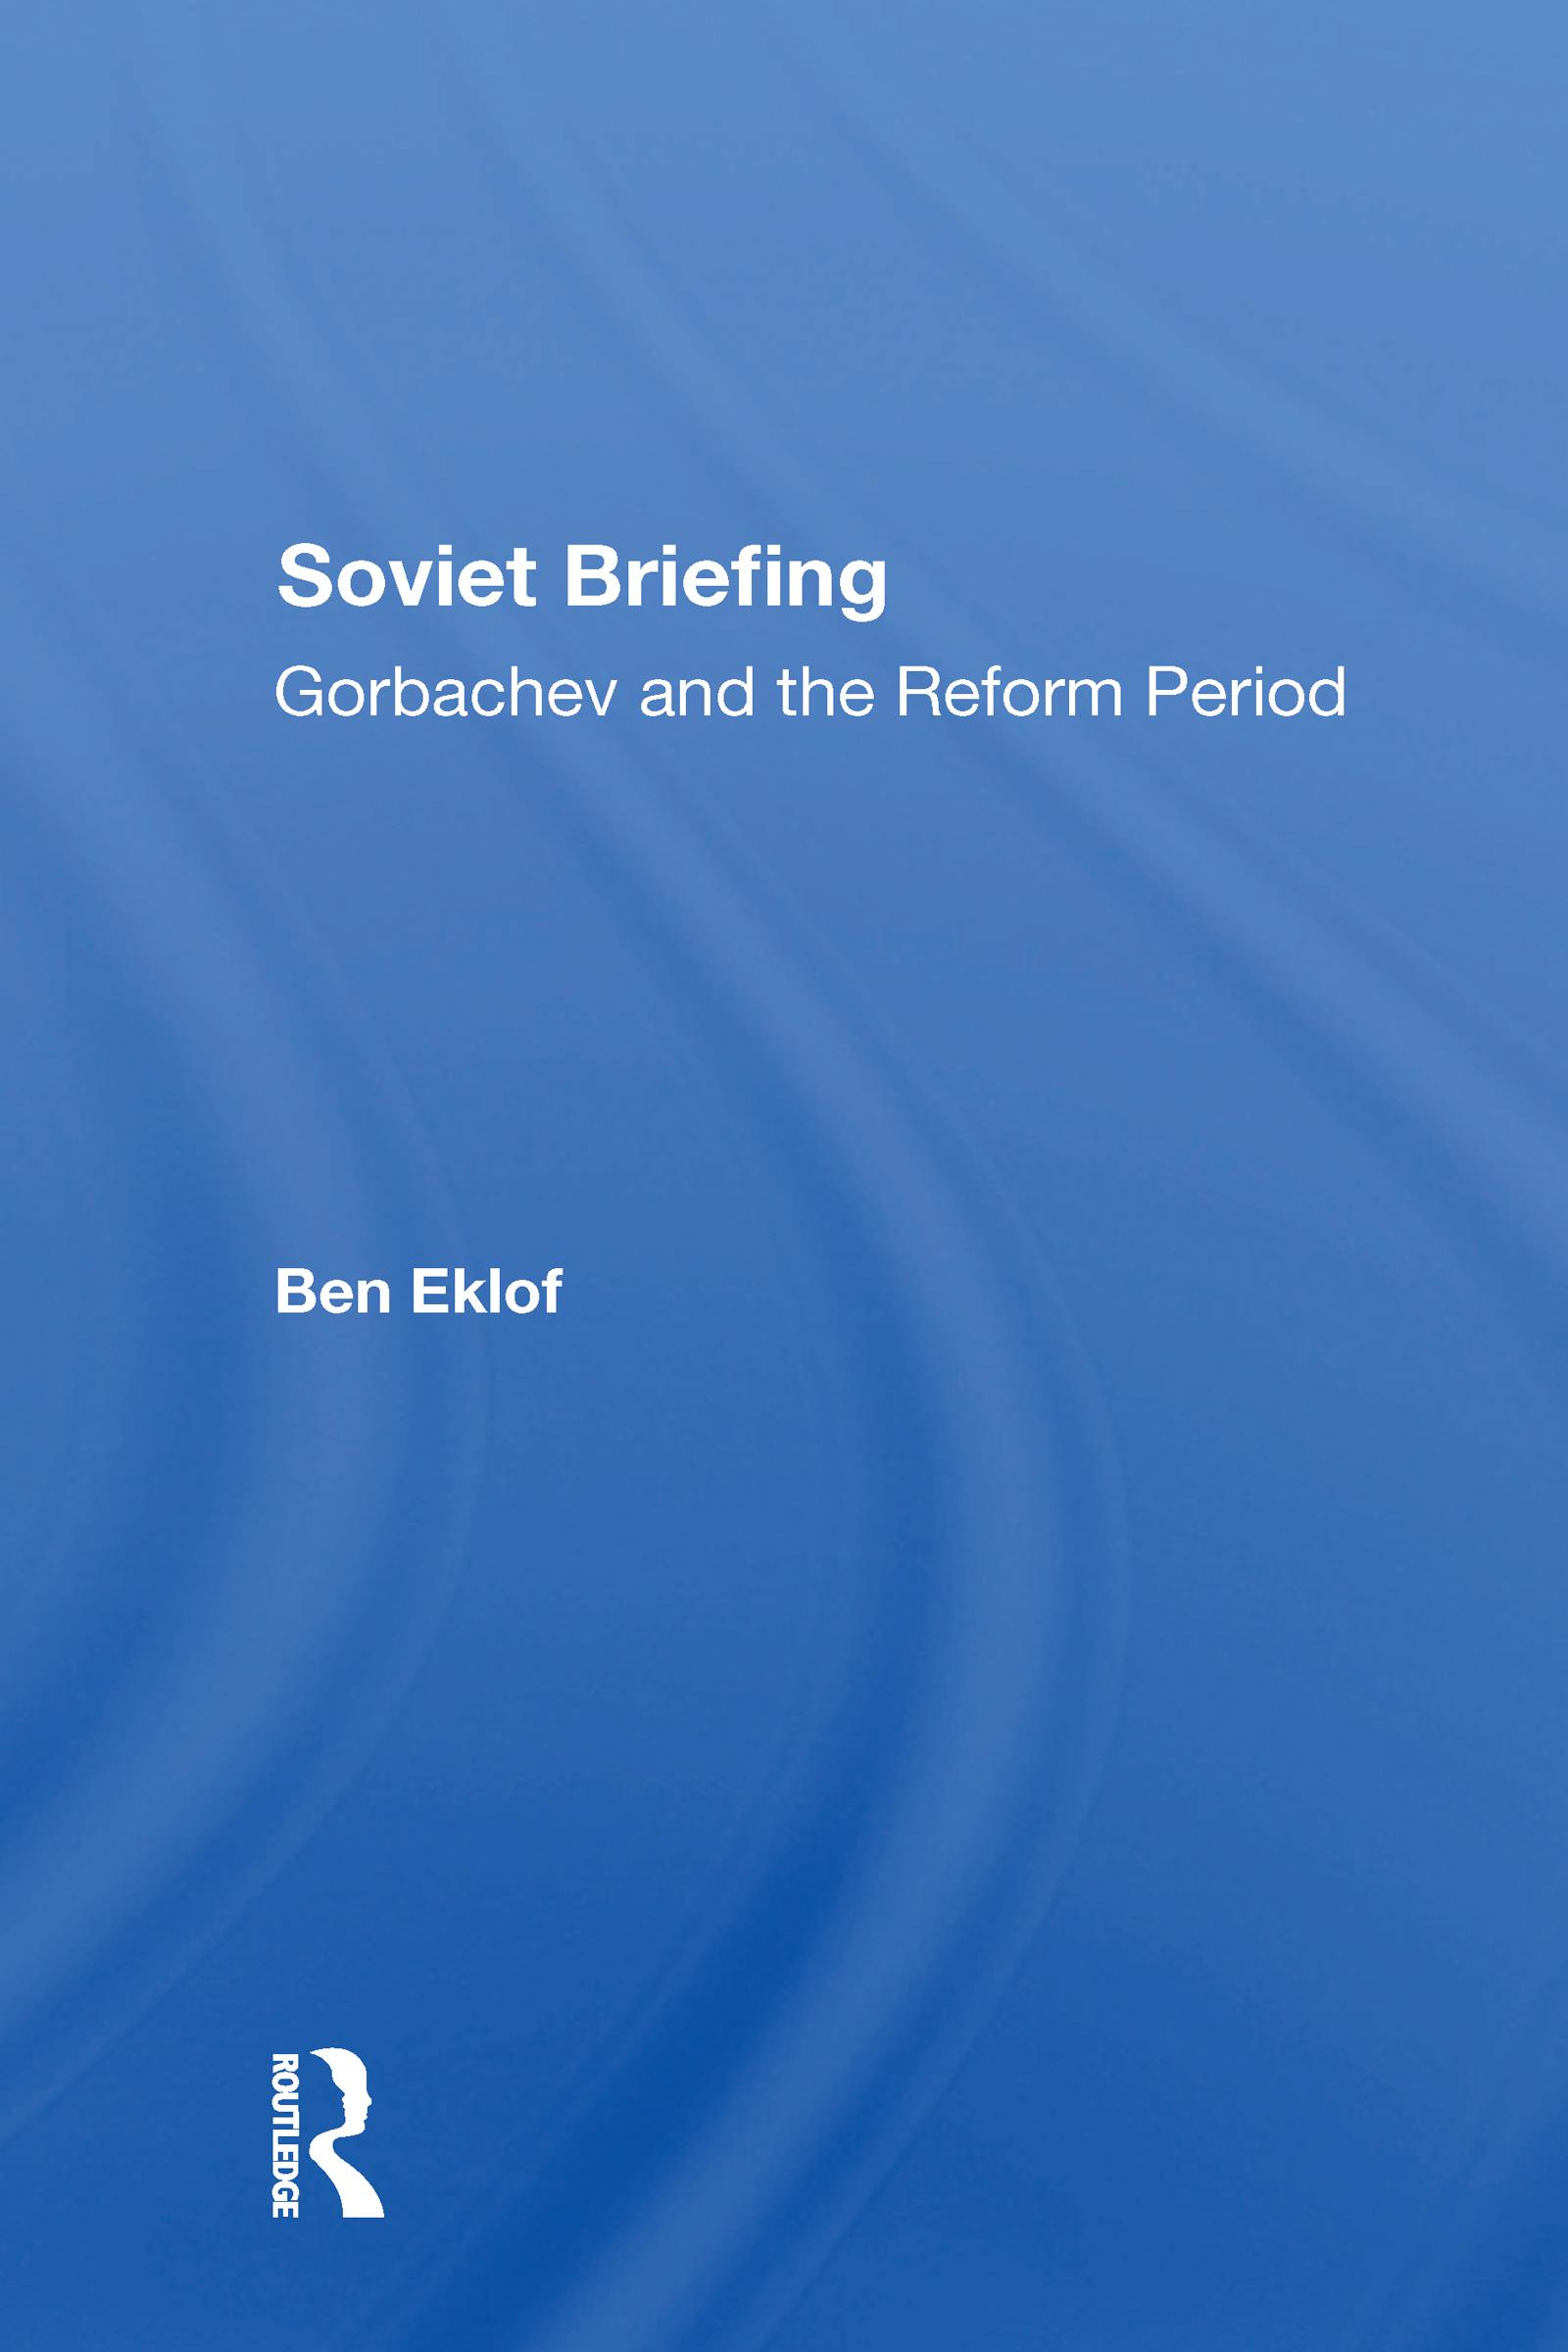 Soviet Briefing